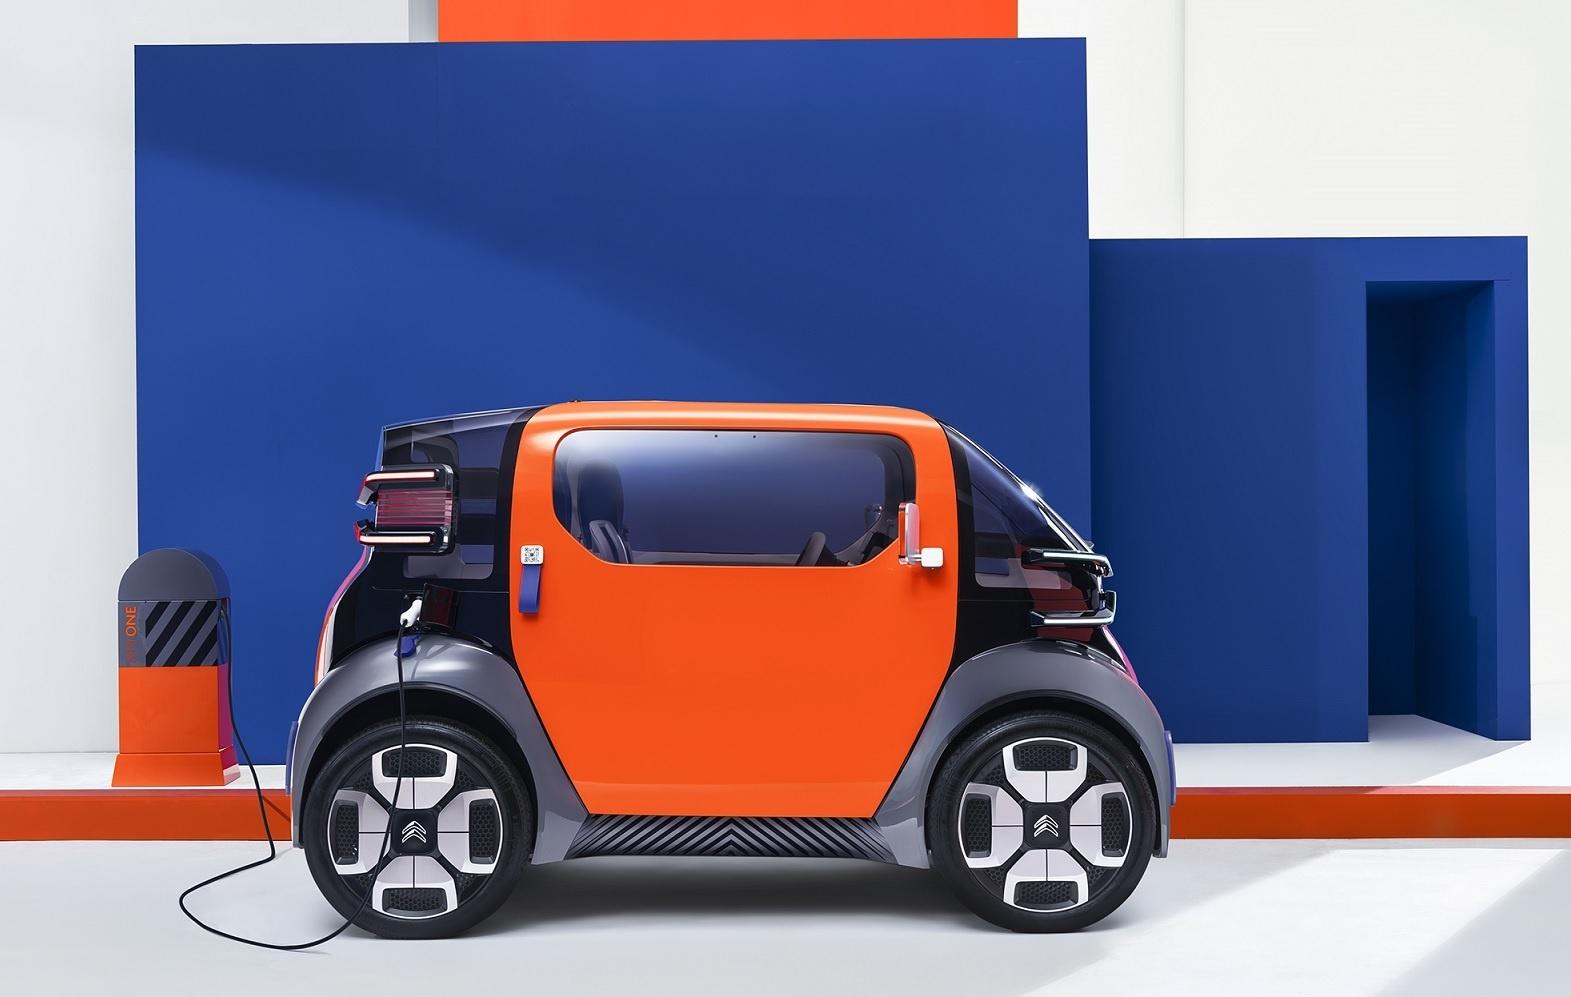 Citroën Toont Kleine Elektrische Tweezits Conceptauto Voor In Stad